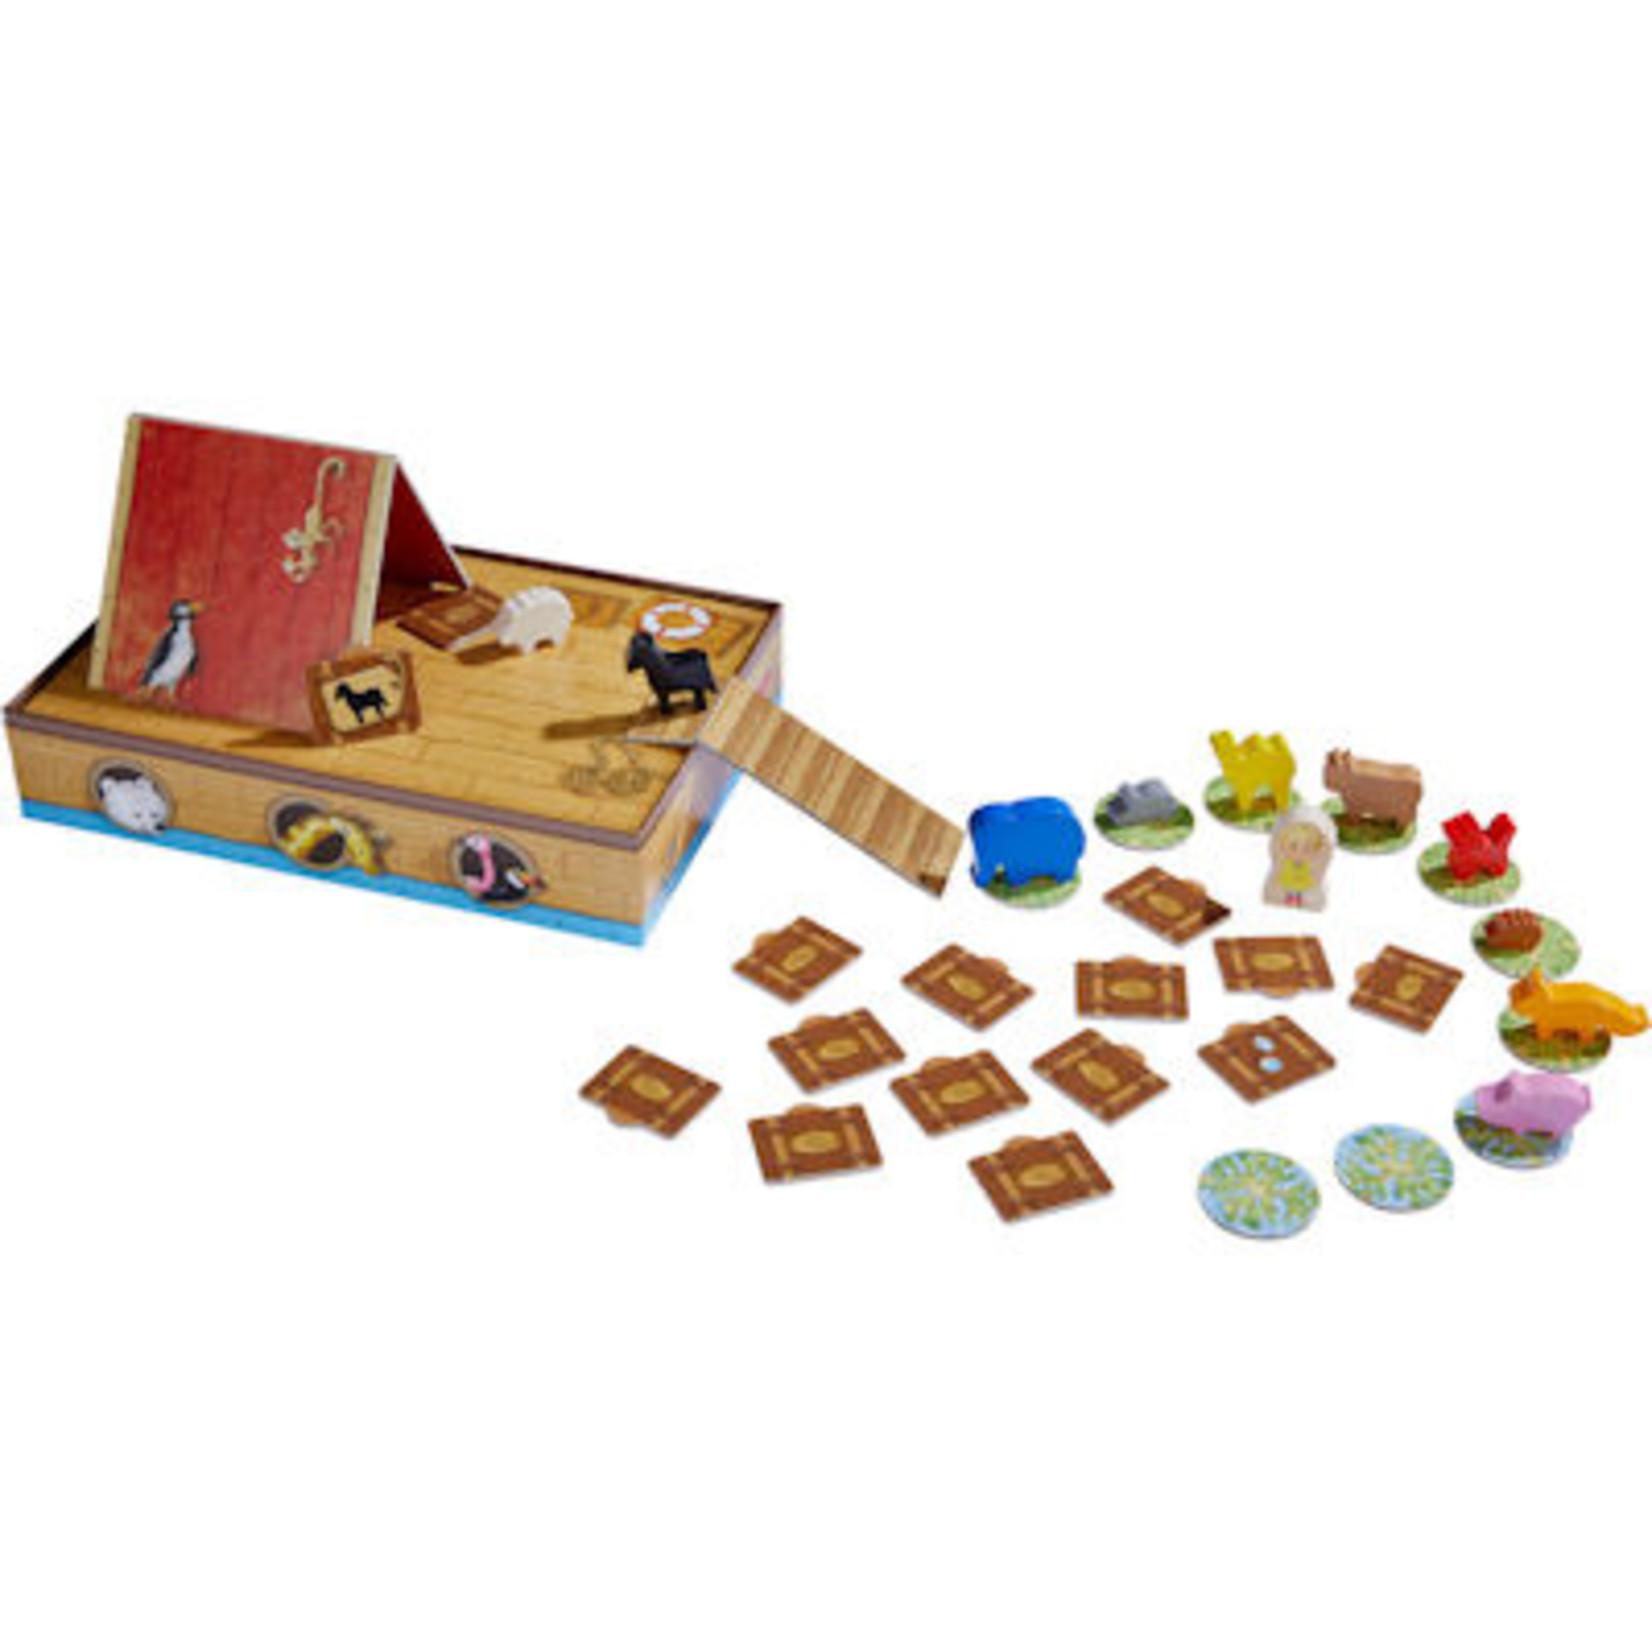 Haba Spel - Naar de Ark - Zonder goede koffer krijg je natte voeten